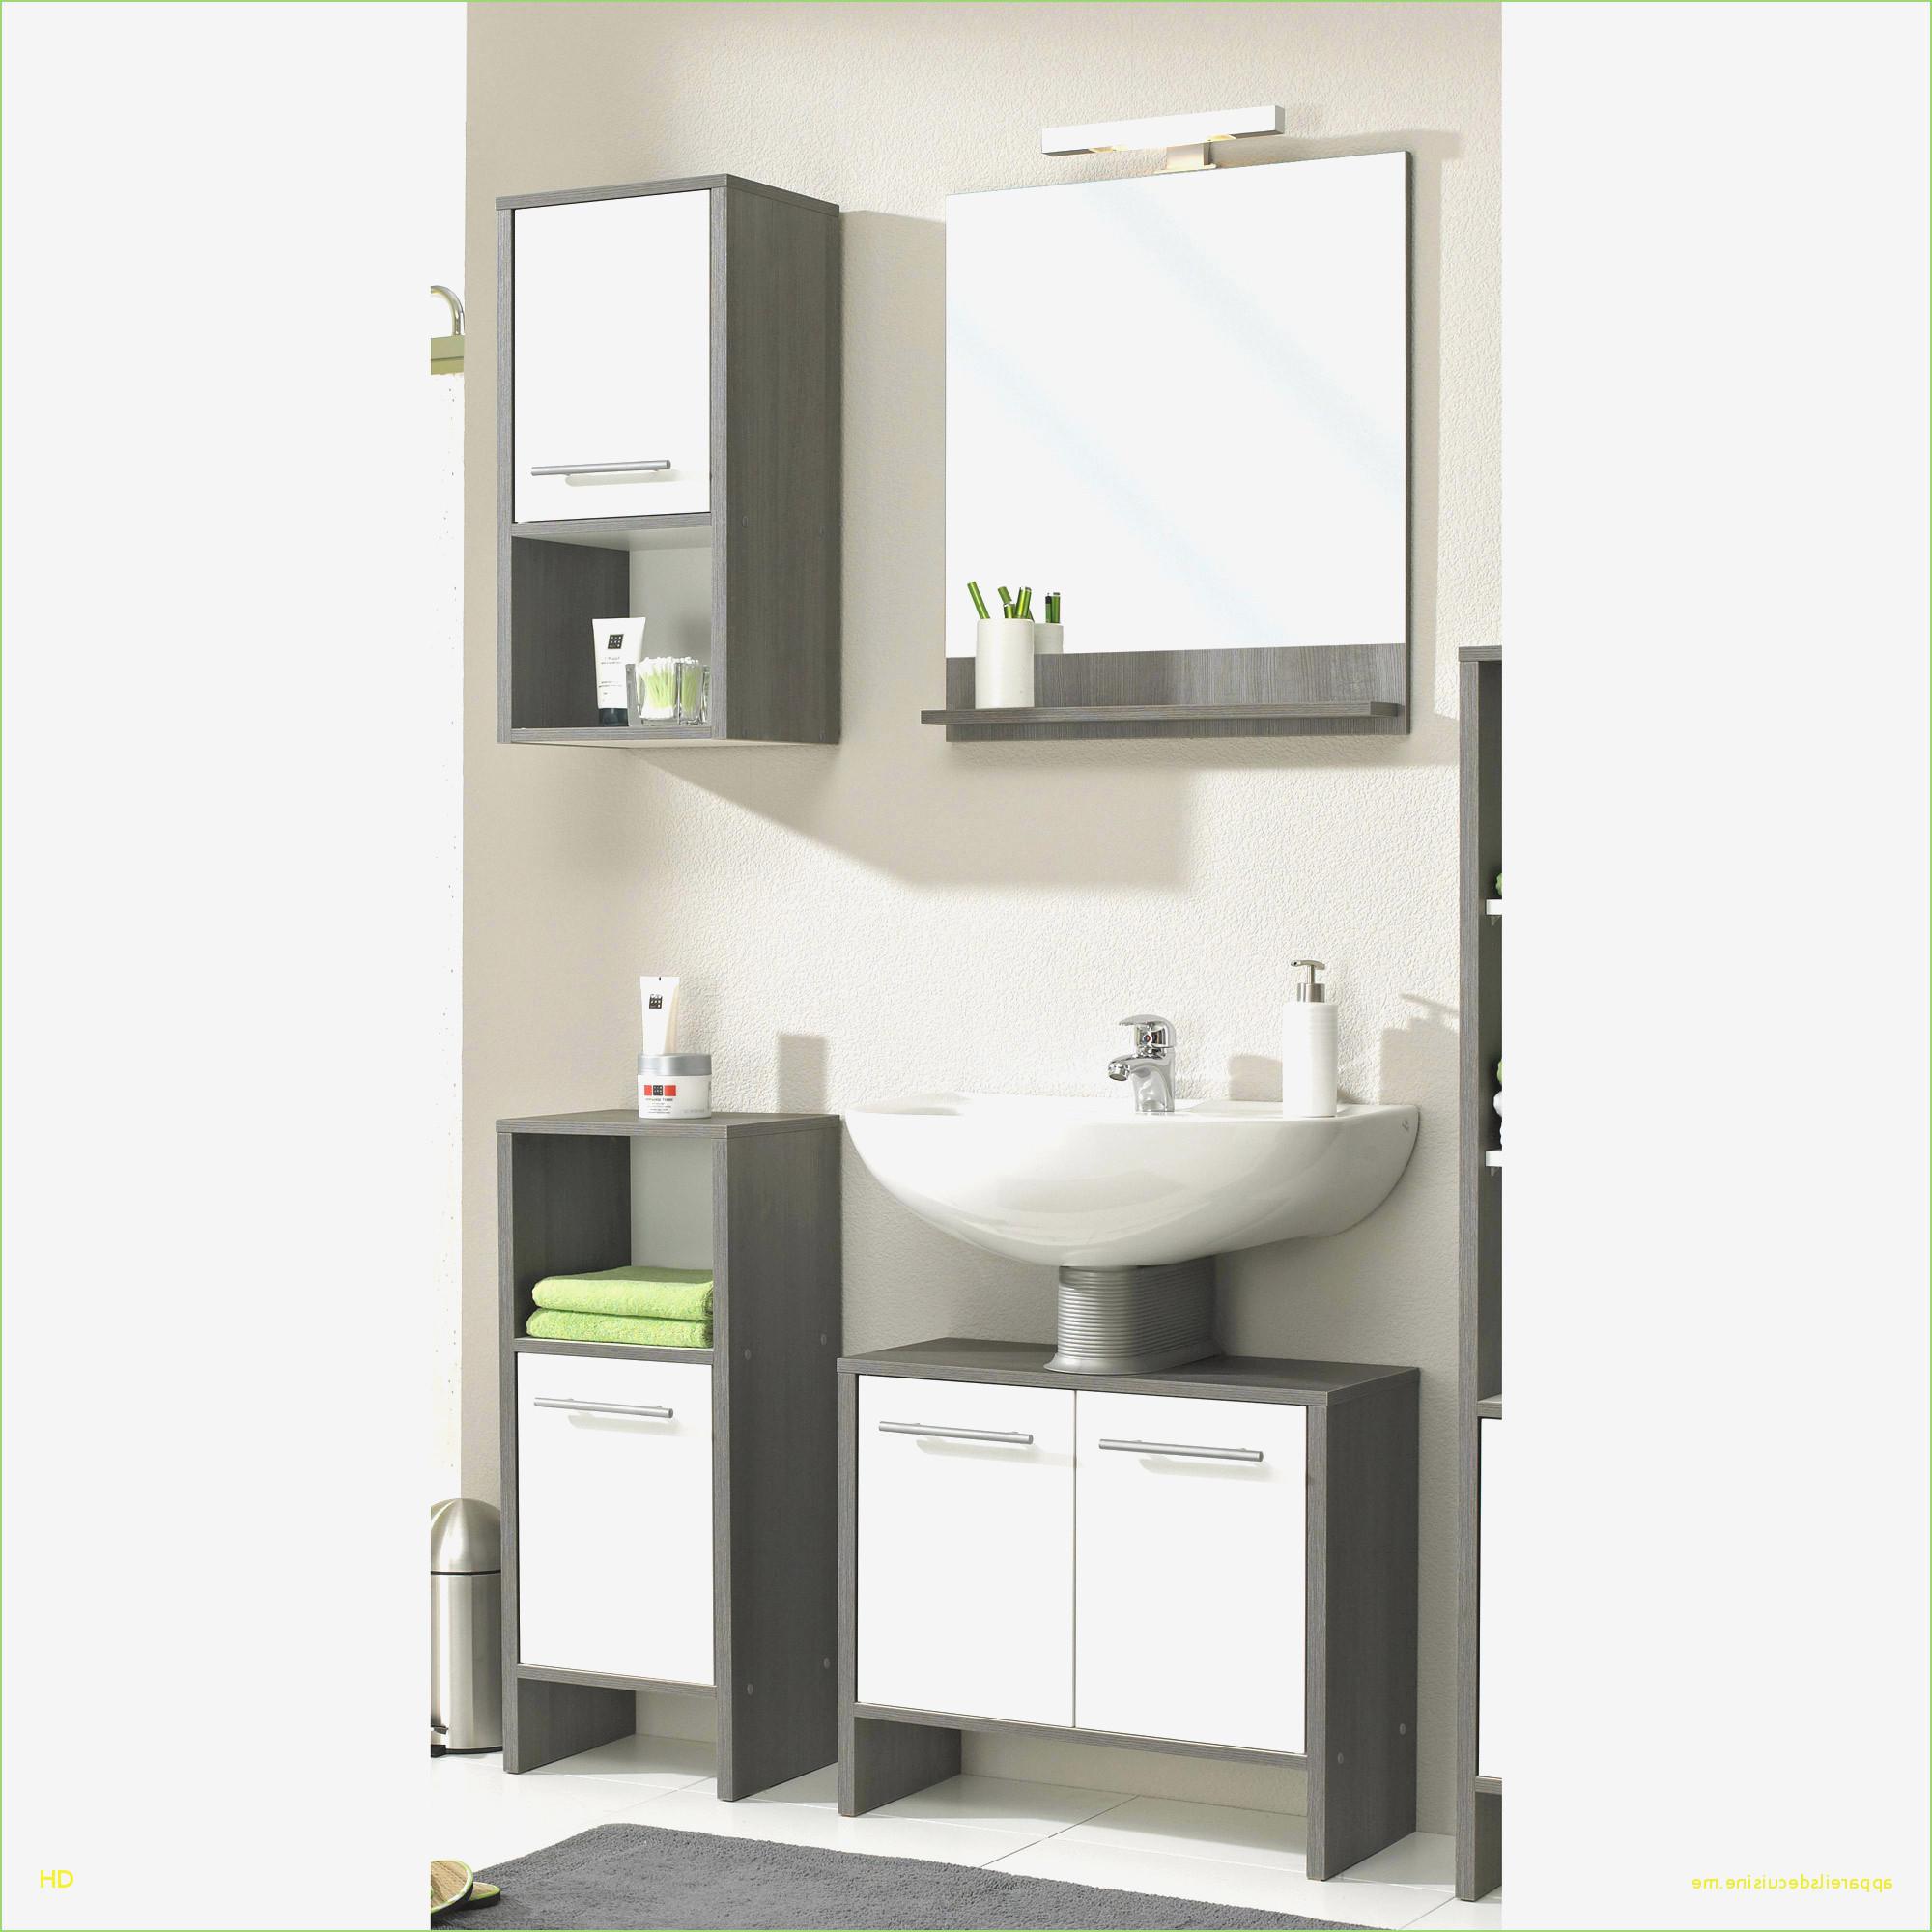 leroy merlin armoire de toilette l gant photos luxe s de. Black Bedroom Furniture Sets. Home Design Ideas